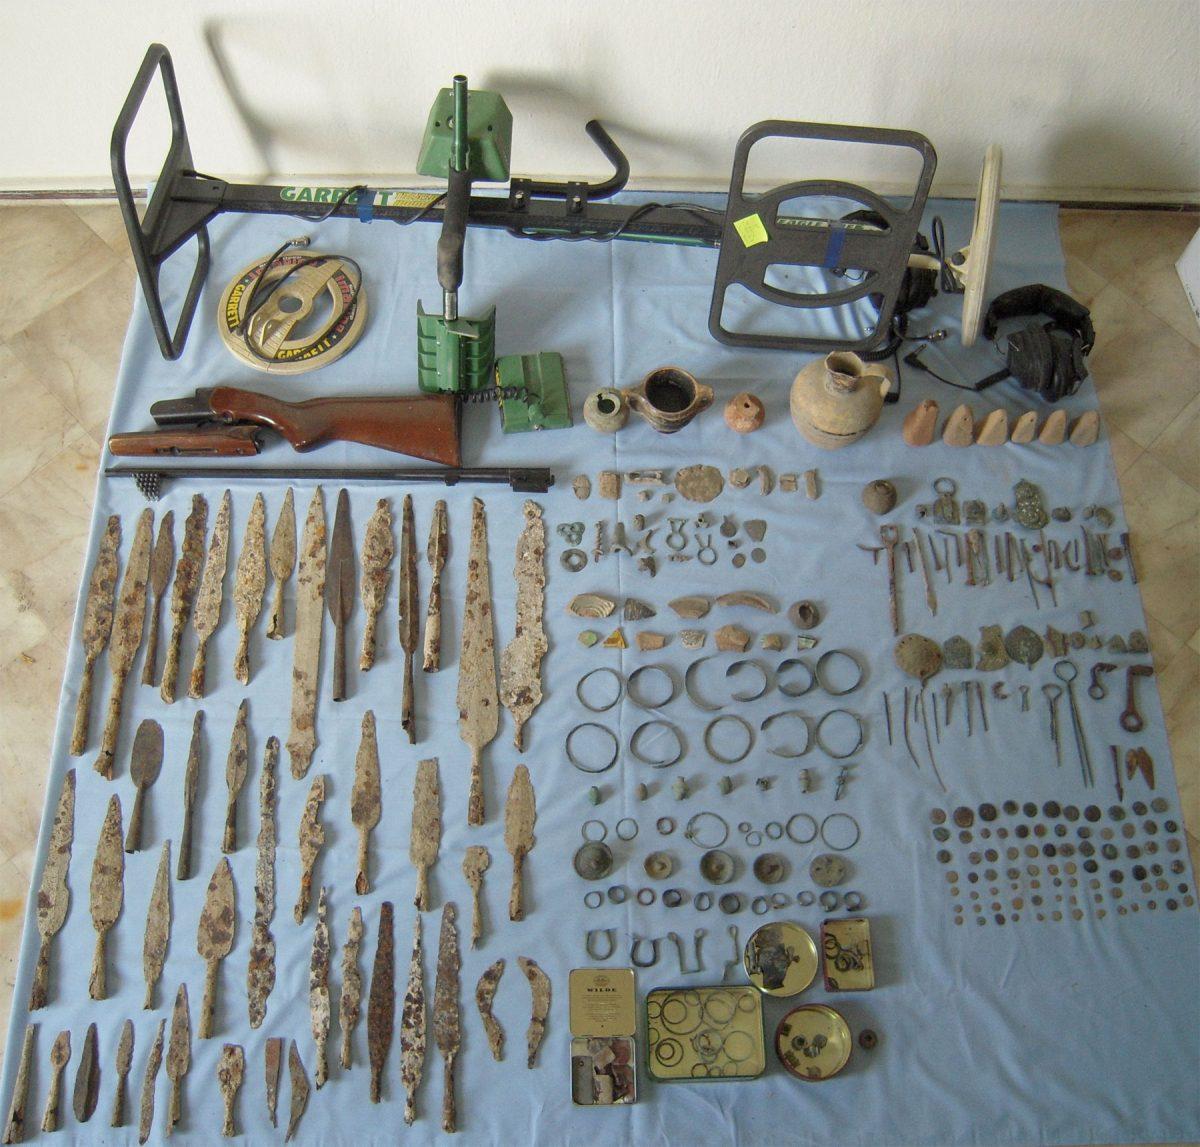 Συνολικά 366 αρχαία αντικείμενα εντοπίστηκαν και κατασχέθηκαν σε περιοχή των Γρεβενών (φωτ. Ελληνική Αστυνομία).